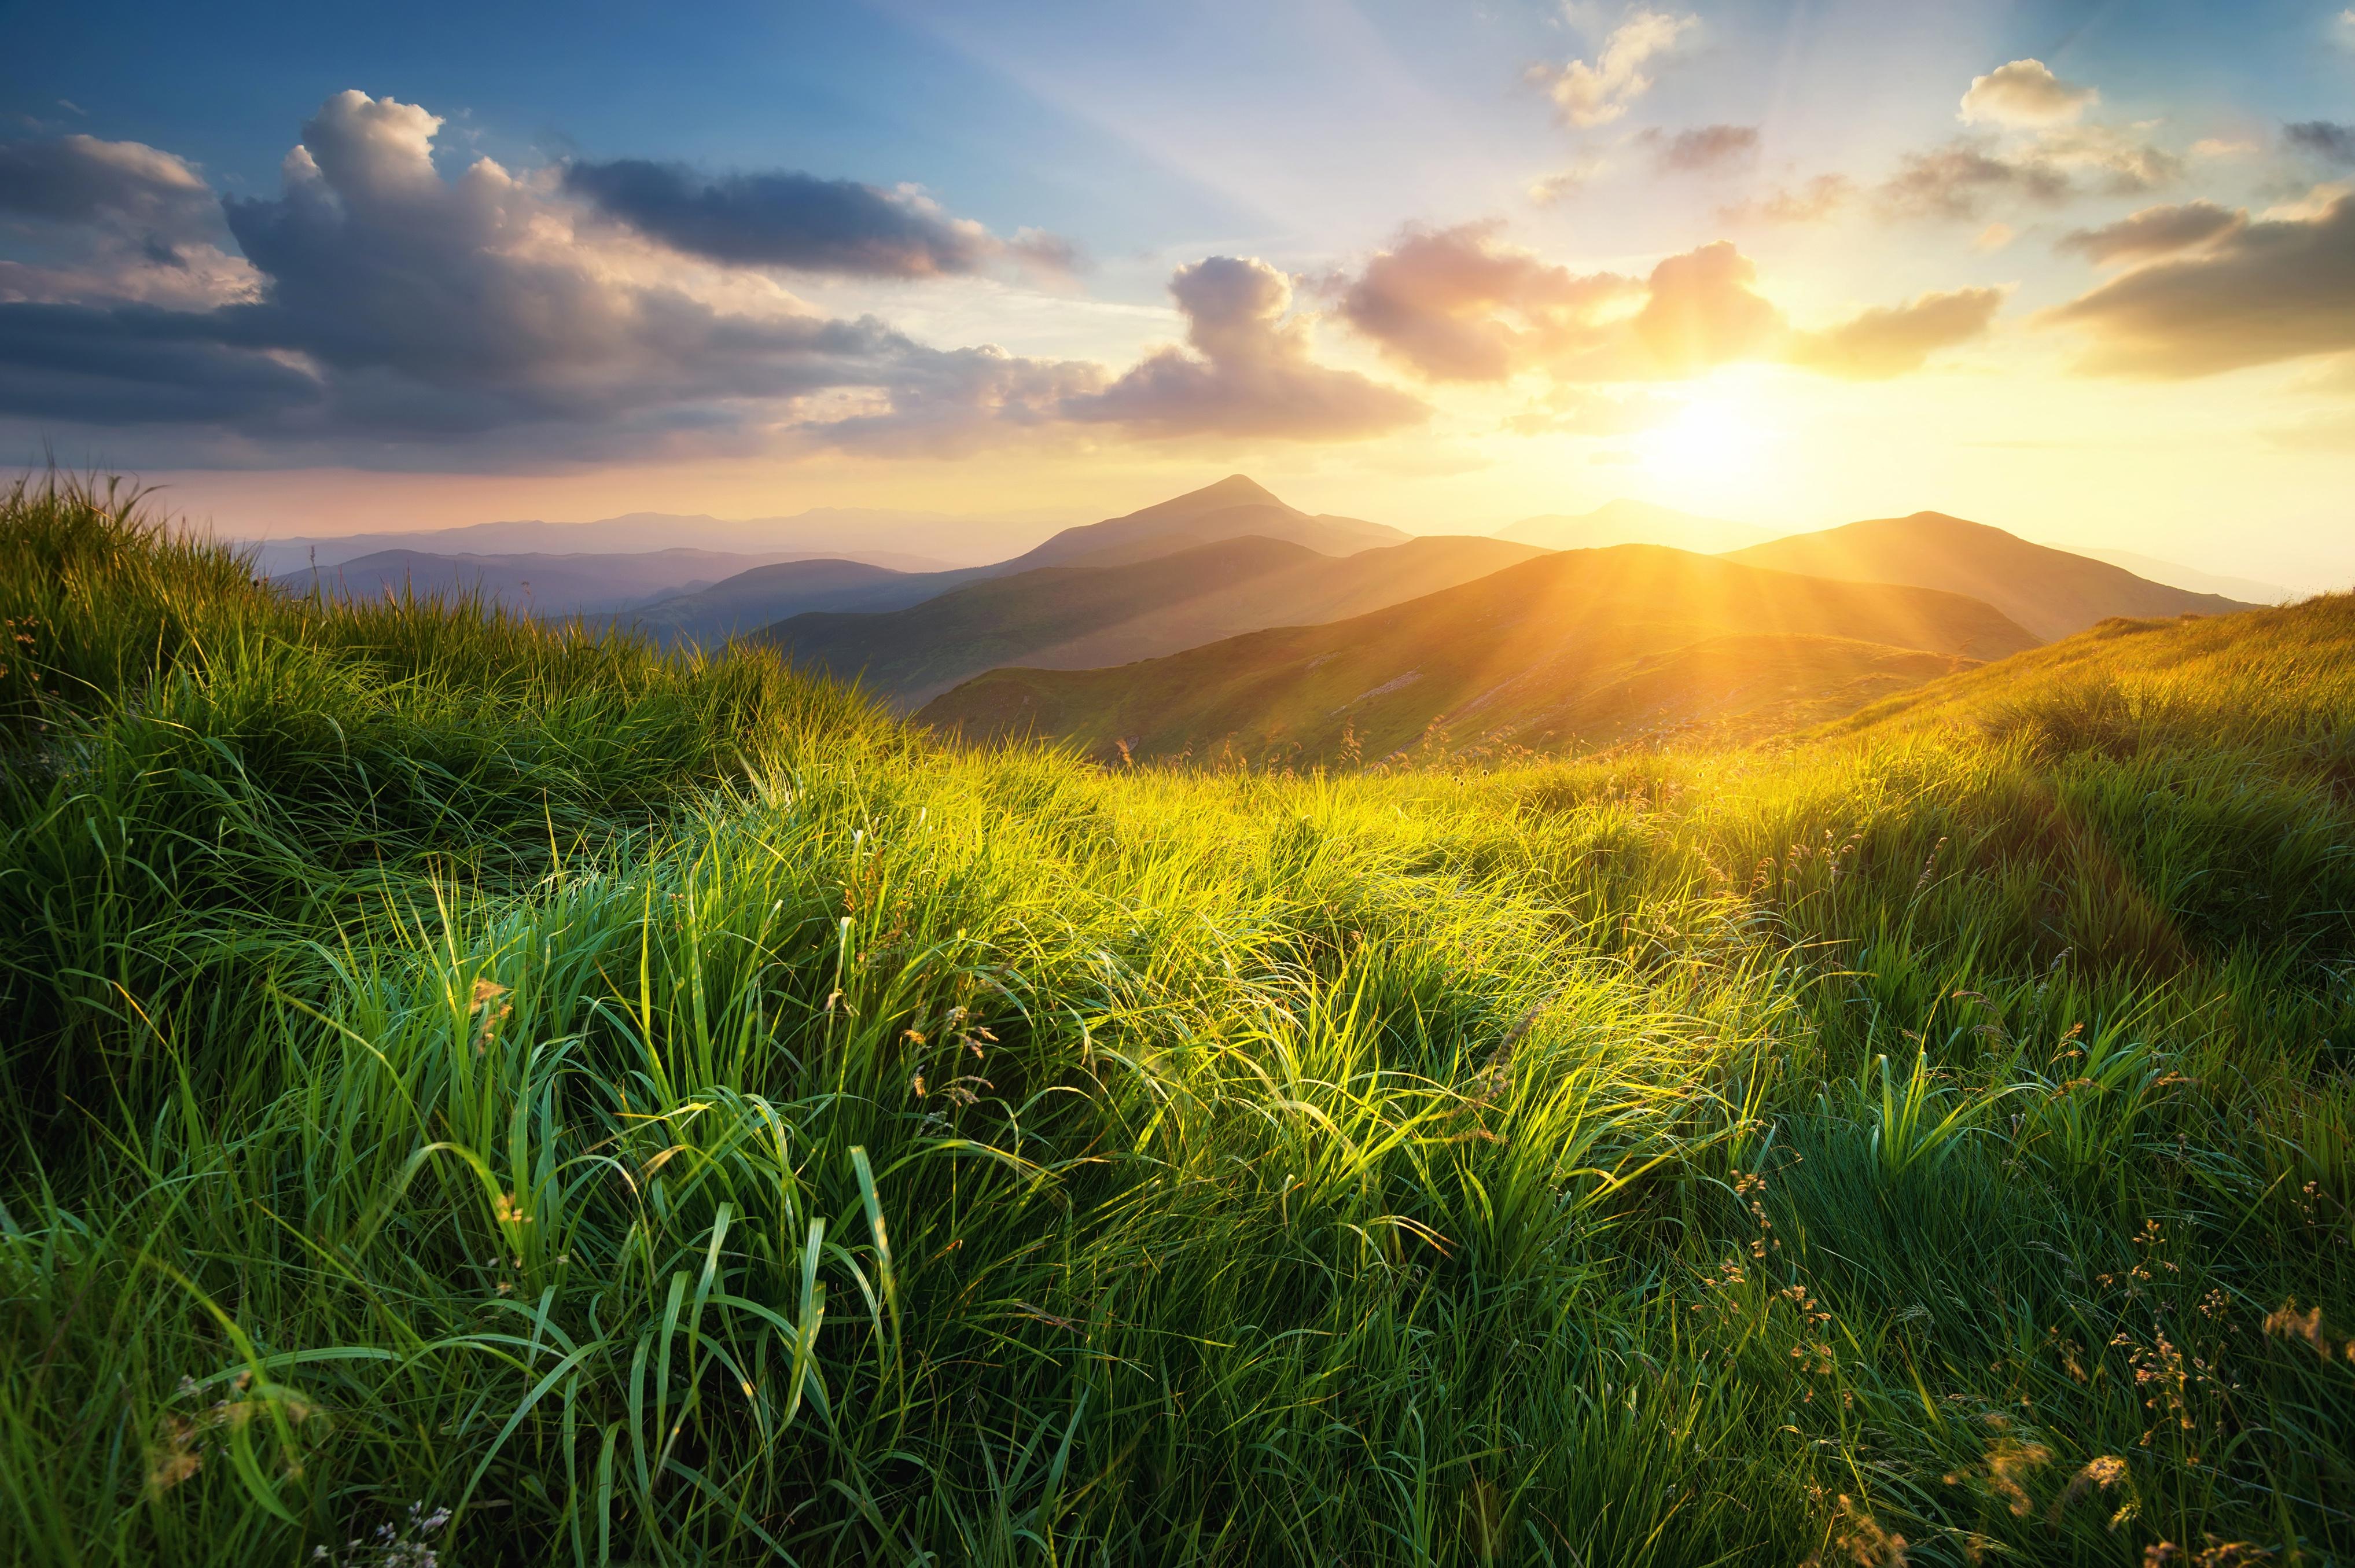 Холмы горы солнце  № 2744517 загрузить